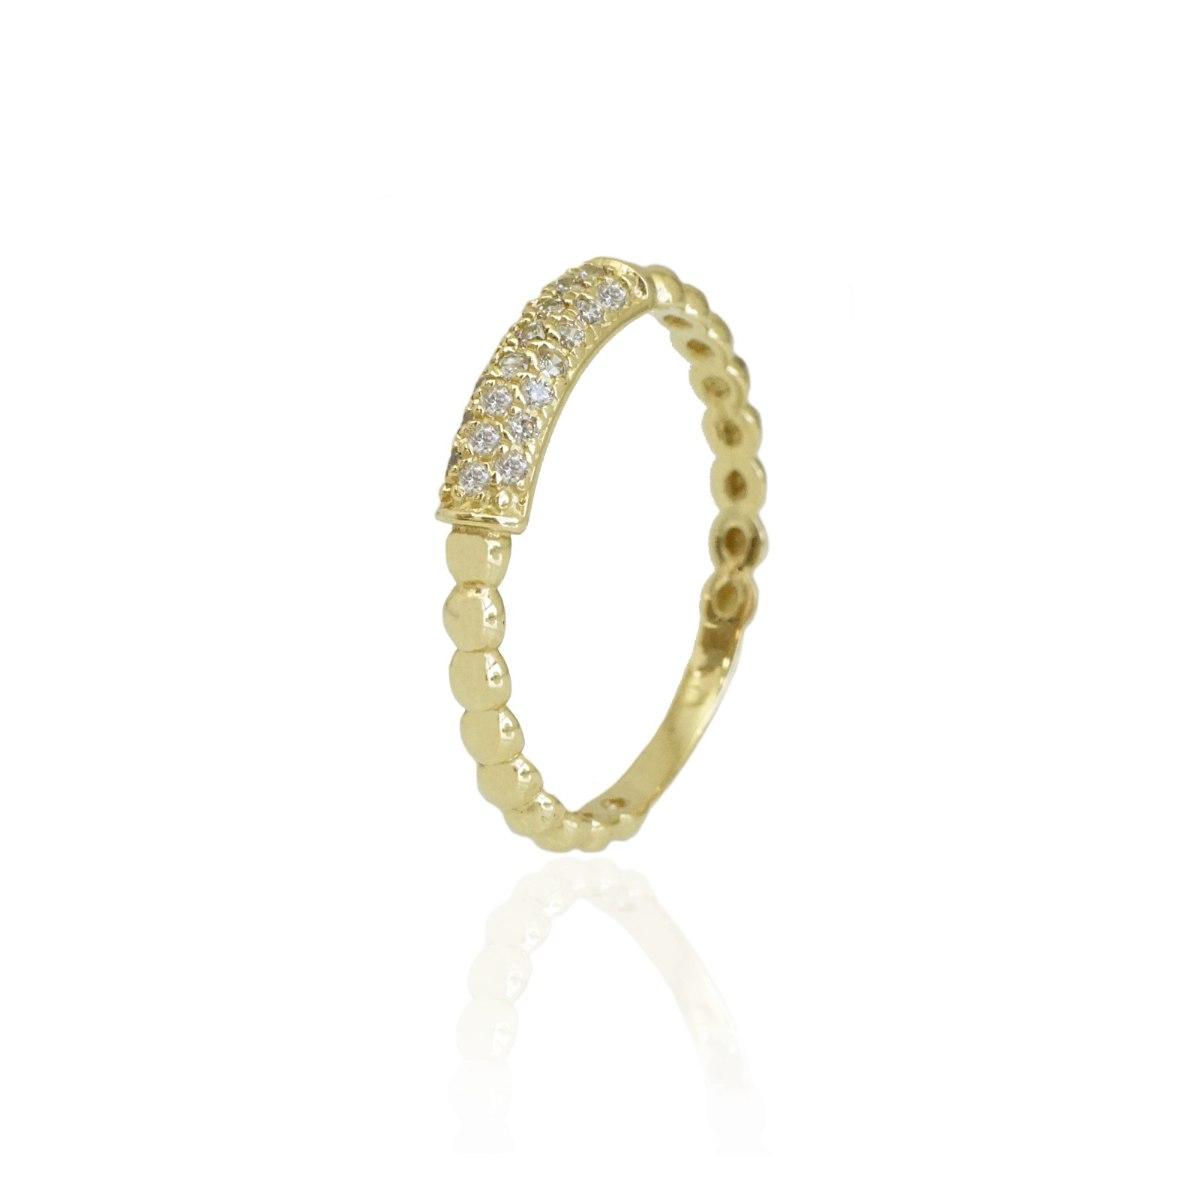 טבעת מעוצבת בשילוב זרקונים בזהב 14 קראט